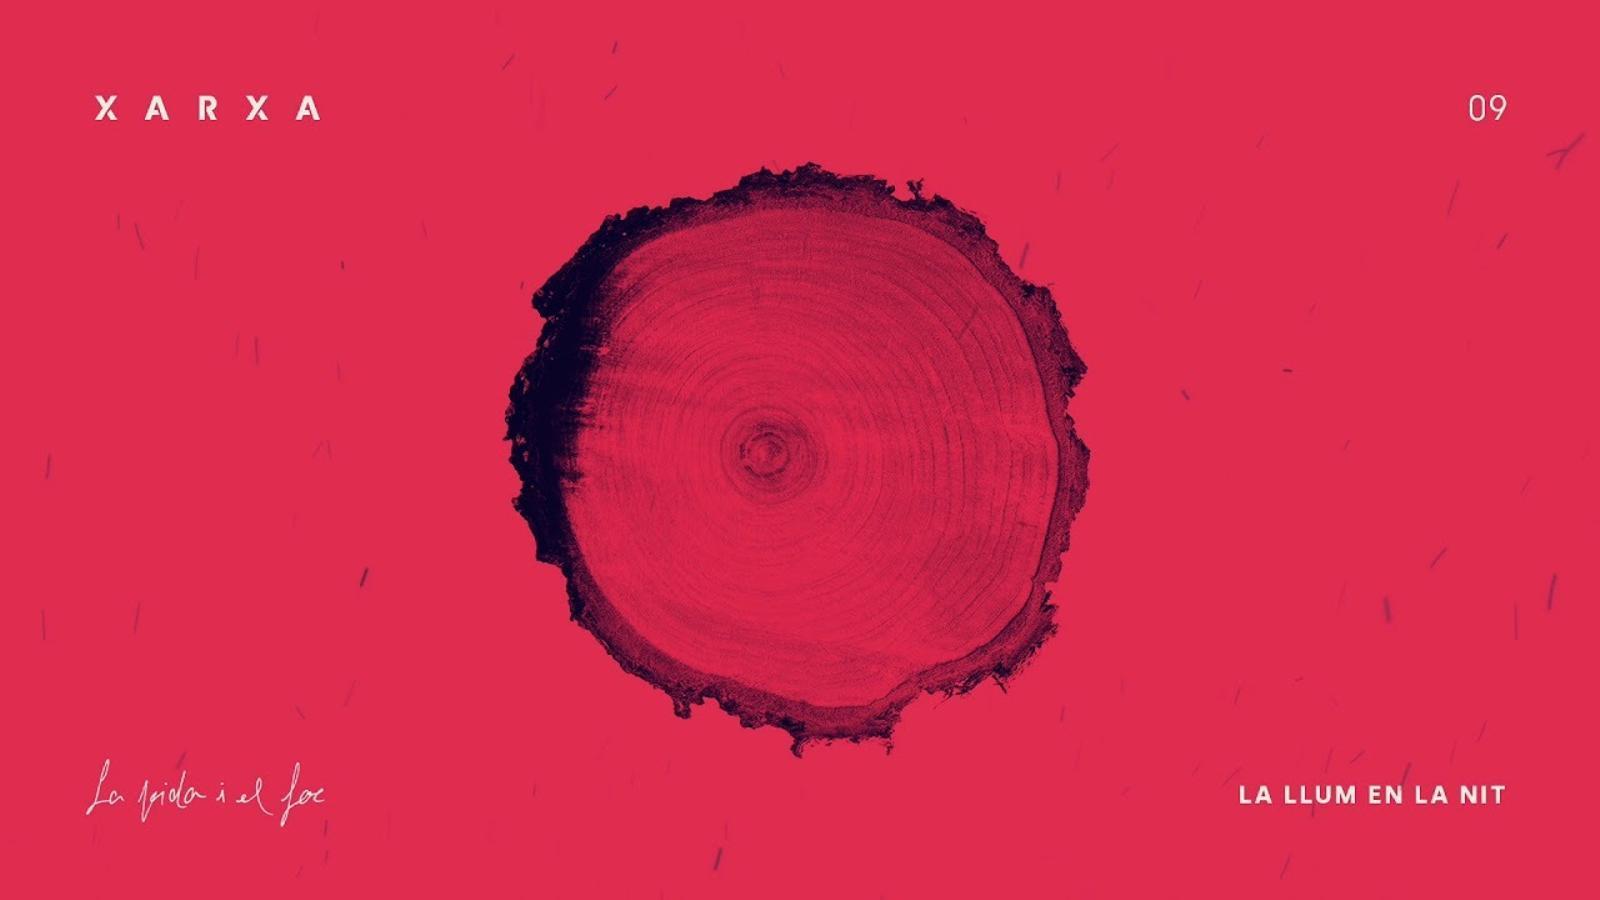 Xarxa presenta el seu nou disc 'La vida i el foc' a Palma